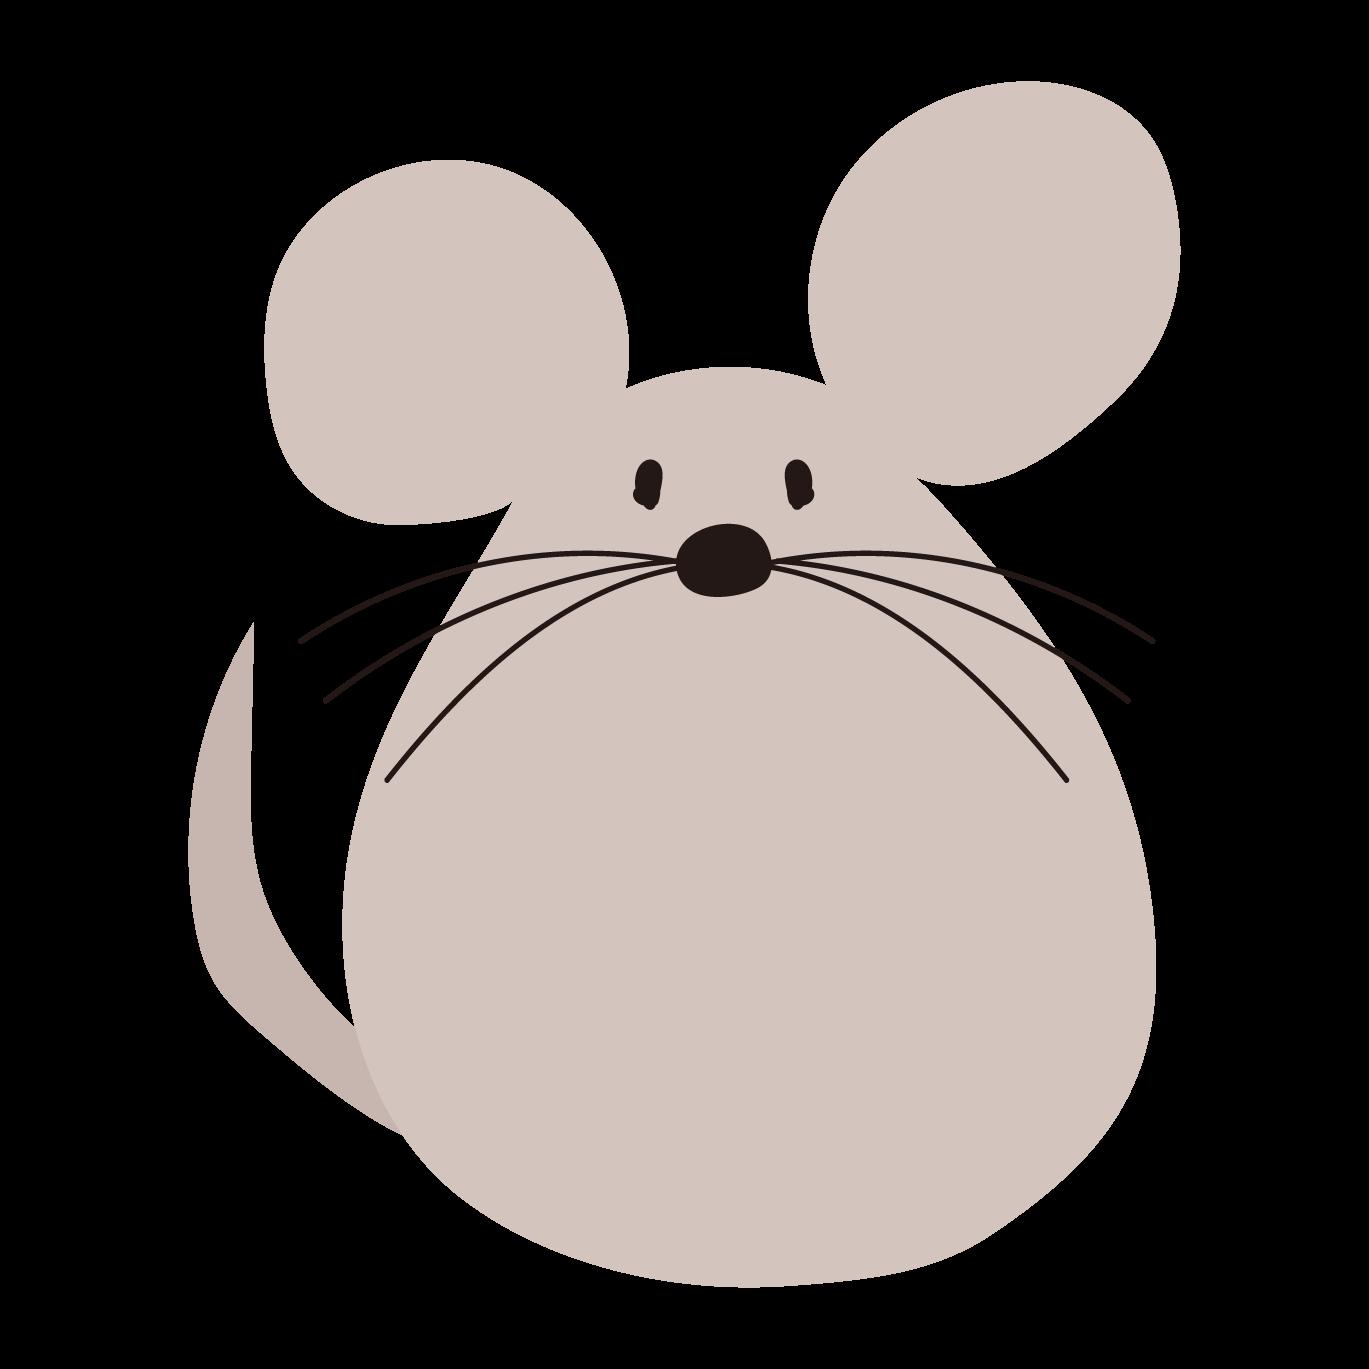 ネズミ(鼠,ねずみ)の かわいい♪ 無料 イラスト